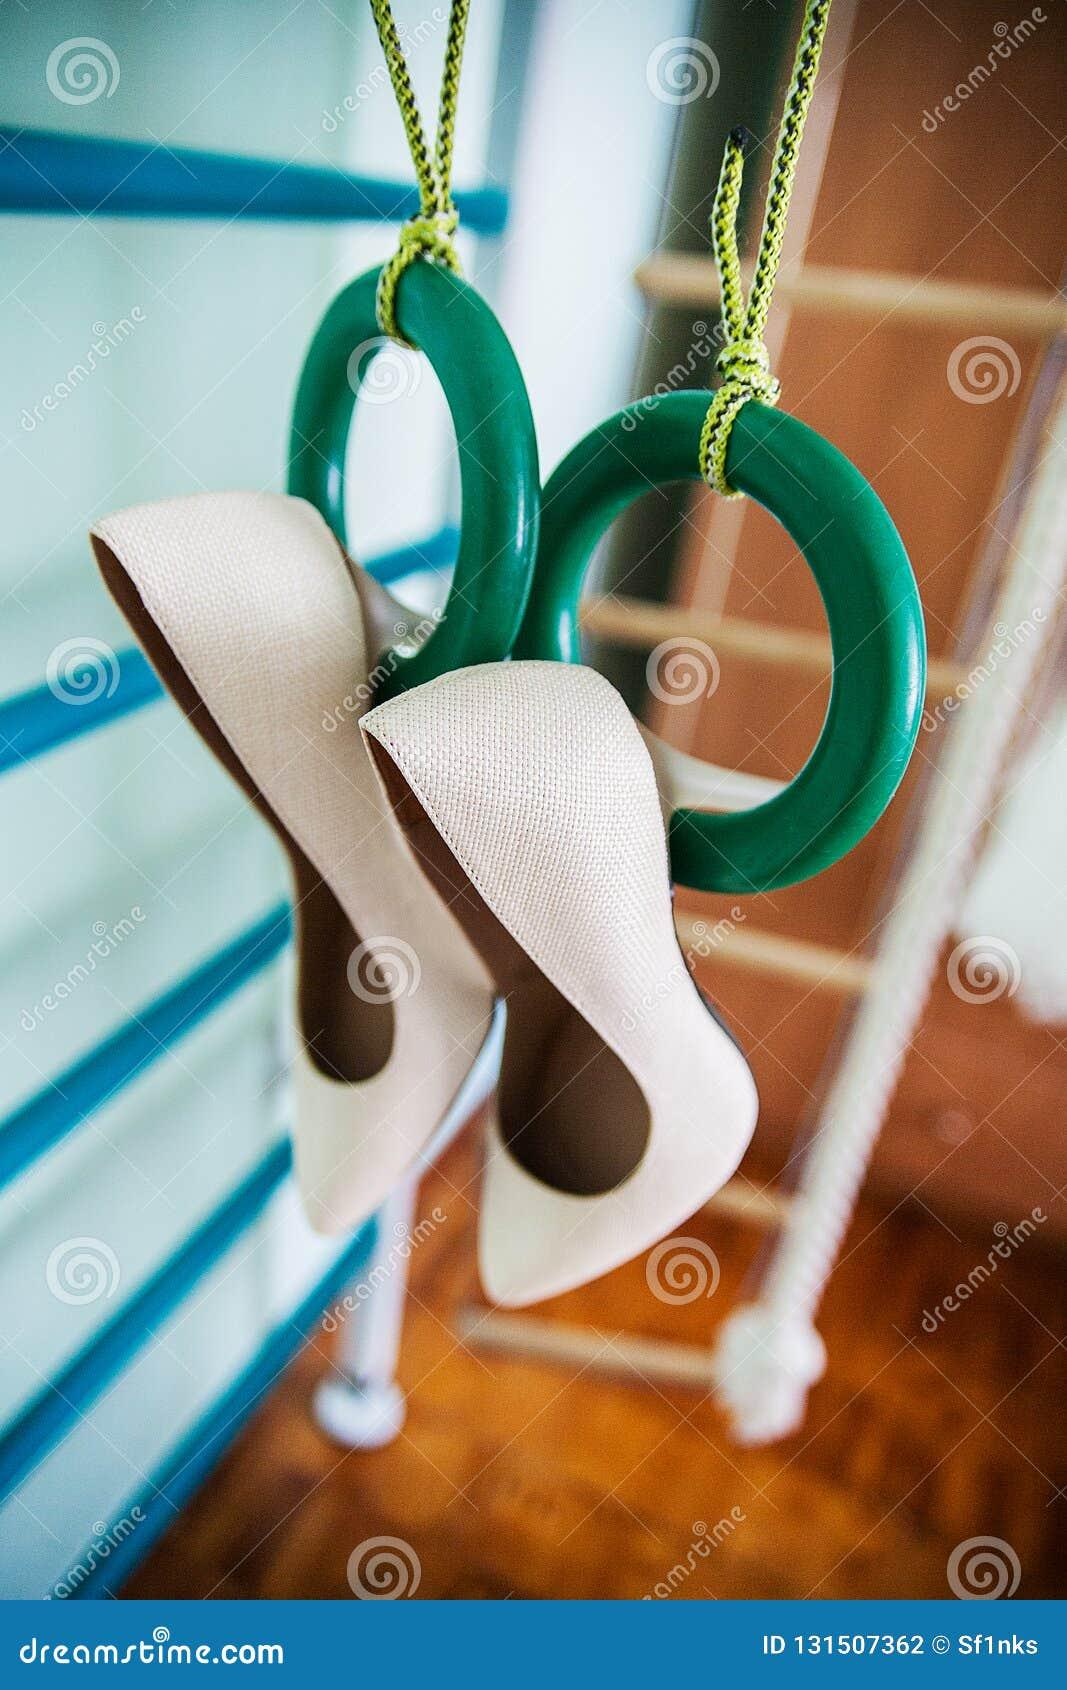 Hang wedding beautiful white shoes